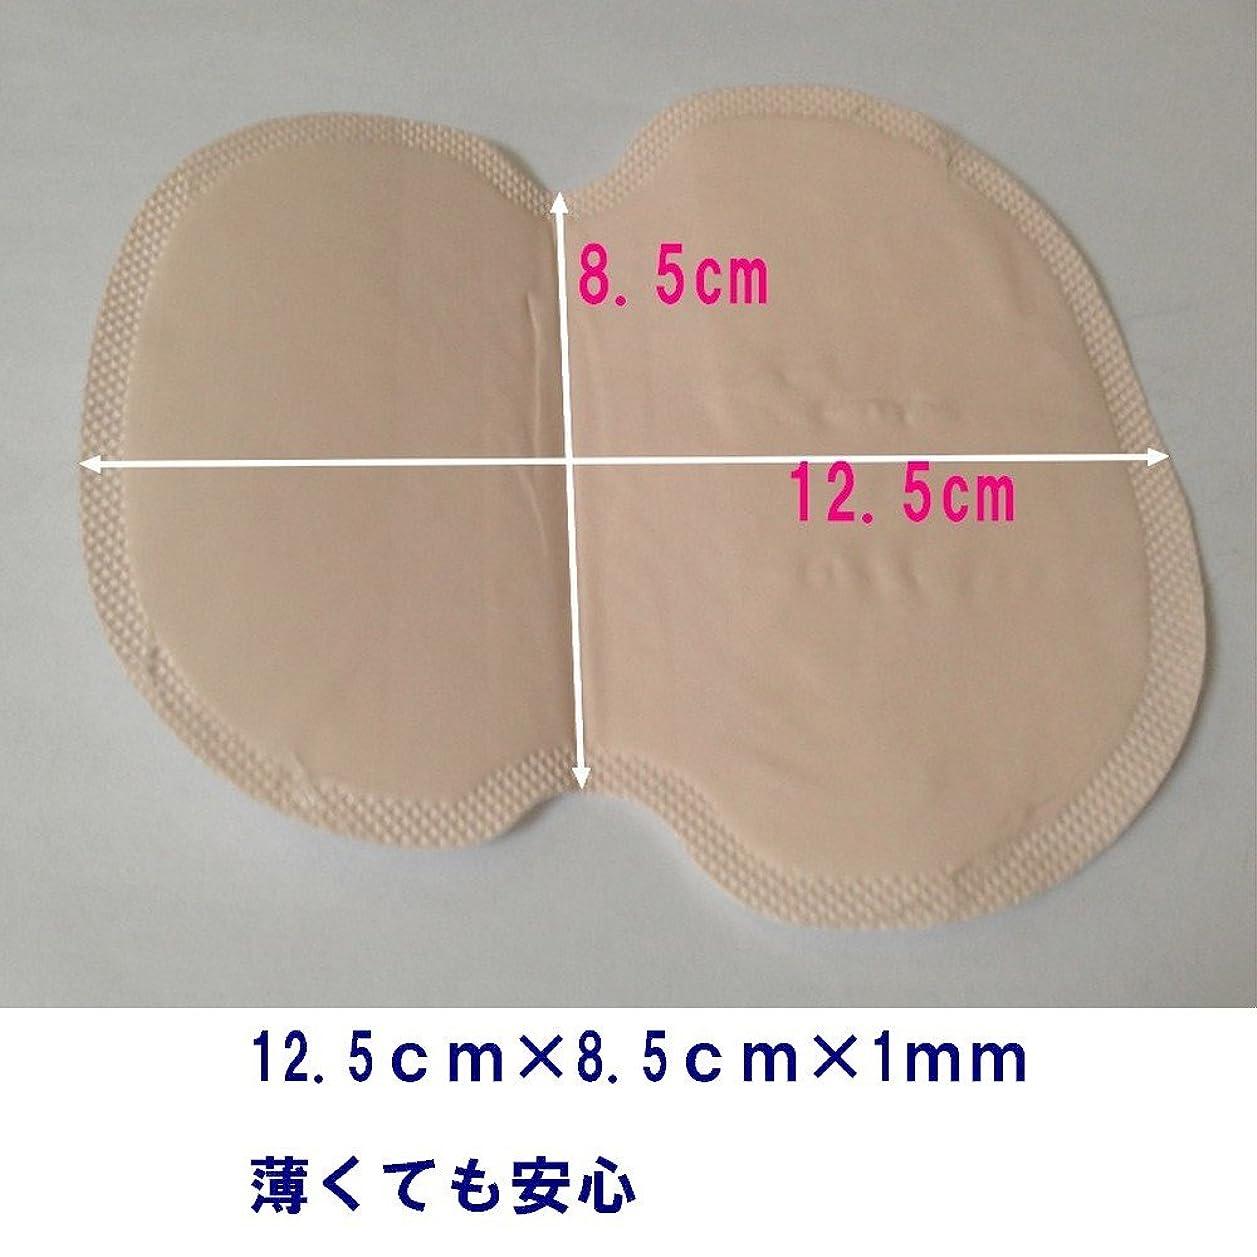 開発する風味甘味わき汗パット 普通サイズ 肌色ベージュ 300枚 汗取りパット